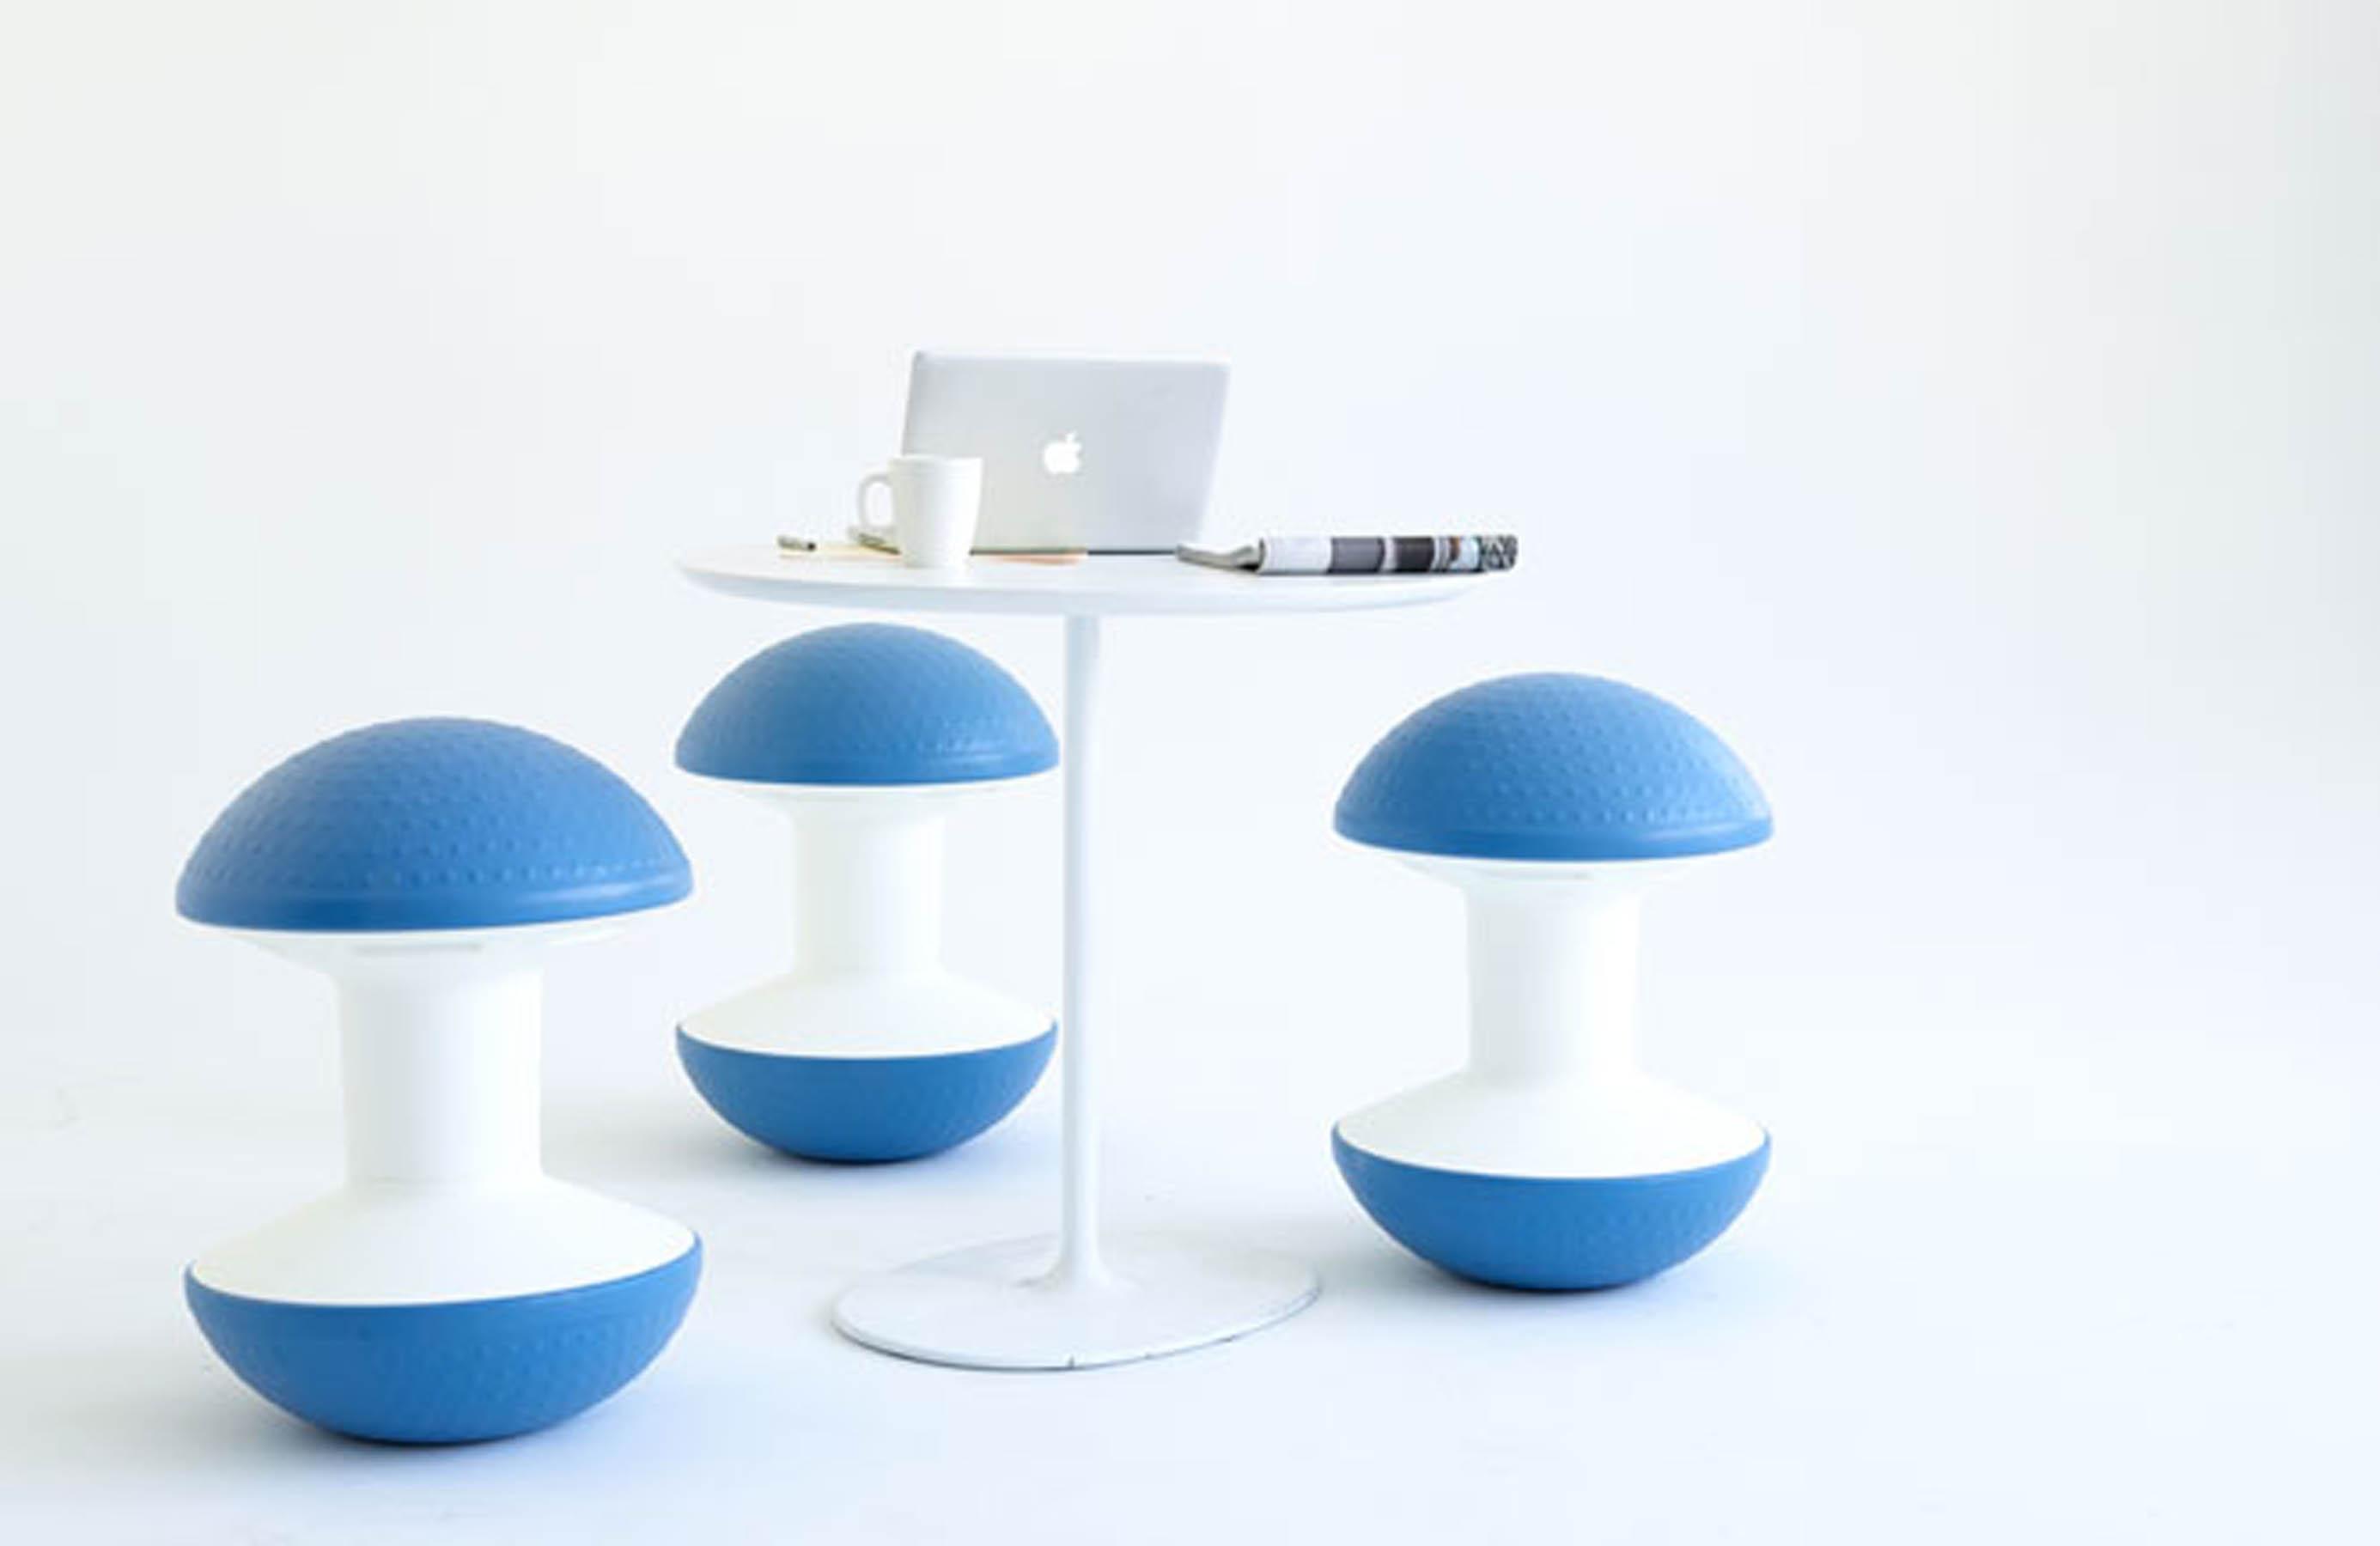 Ergonomic Ball